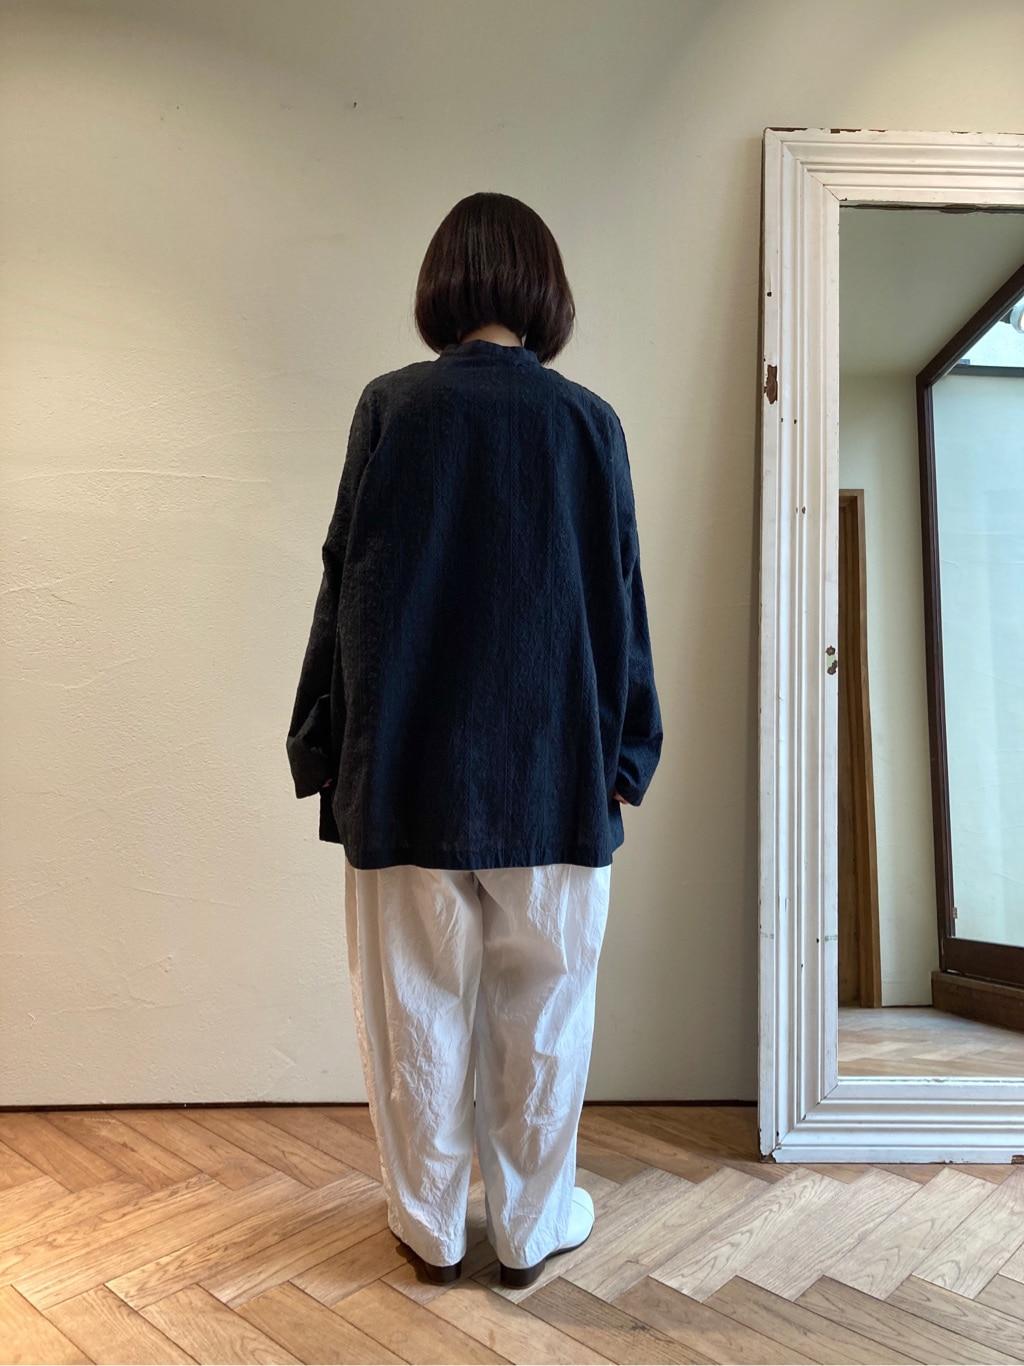 yuni 京都路面 身長:152cm 2021.02.12